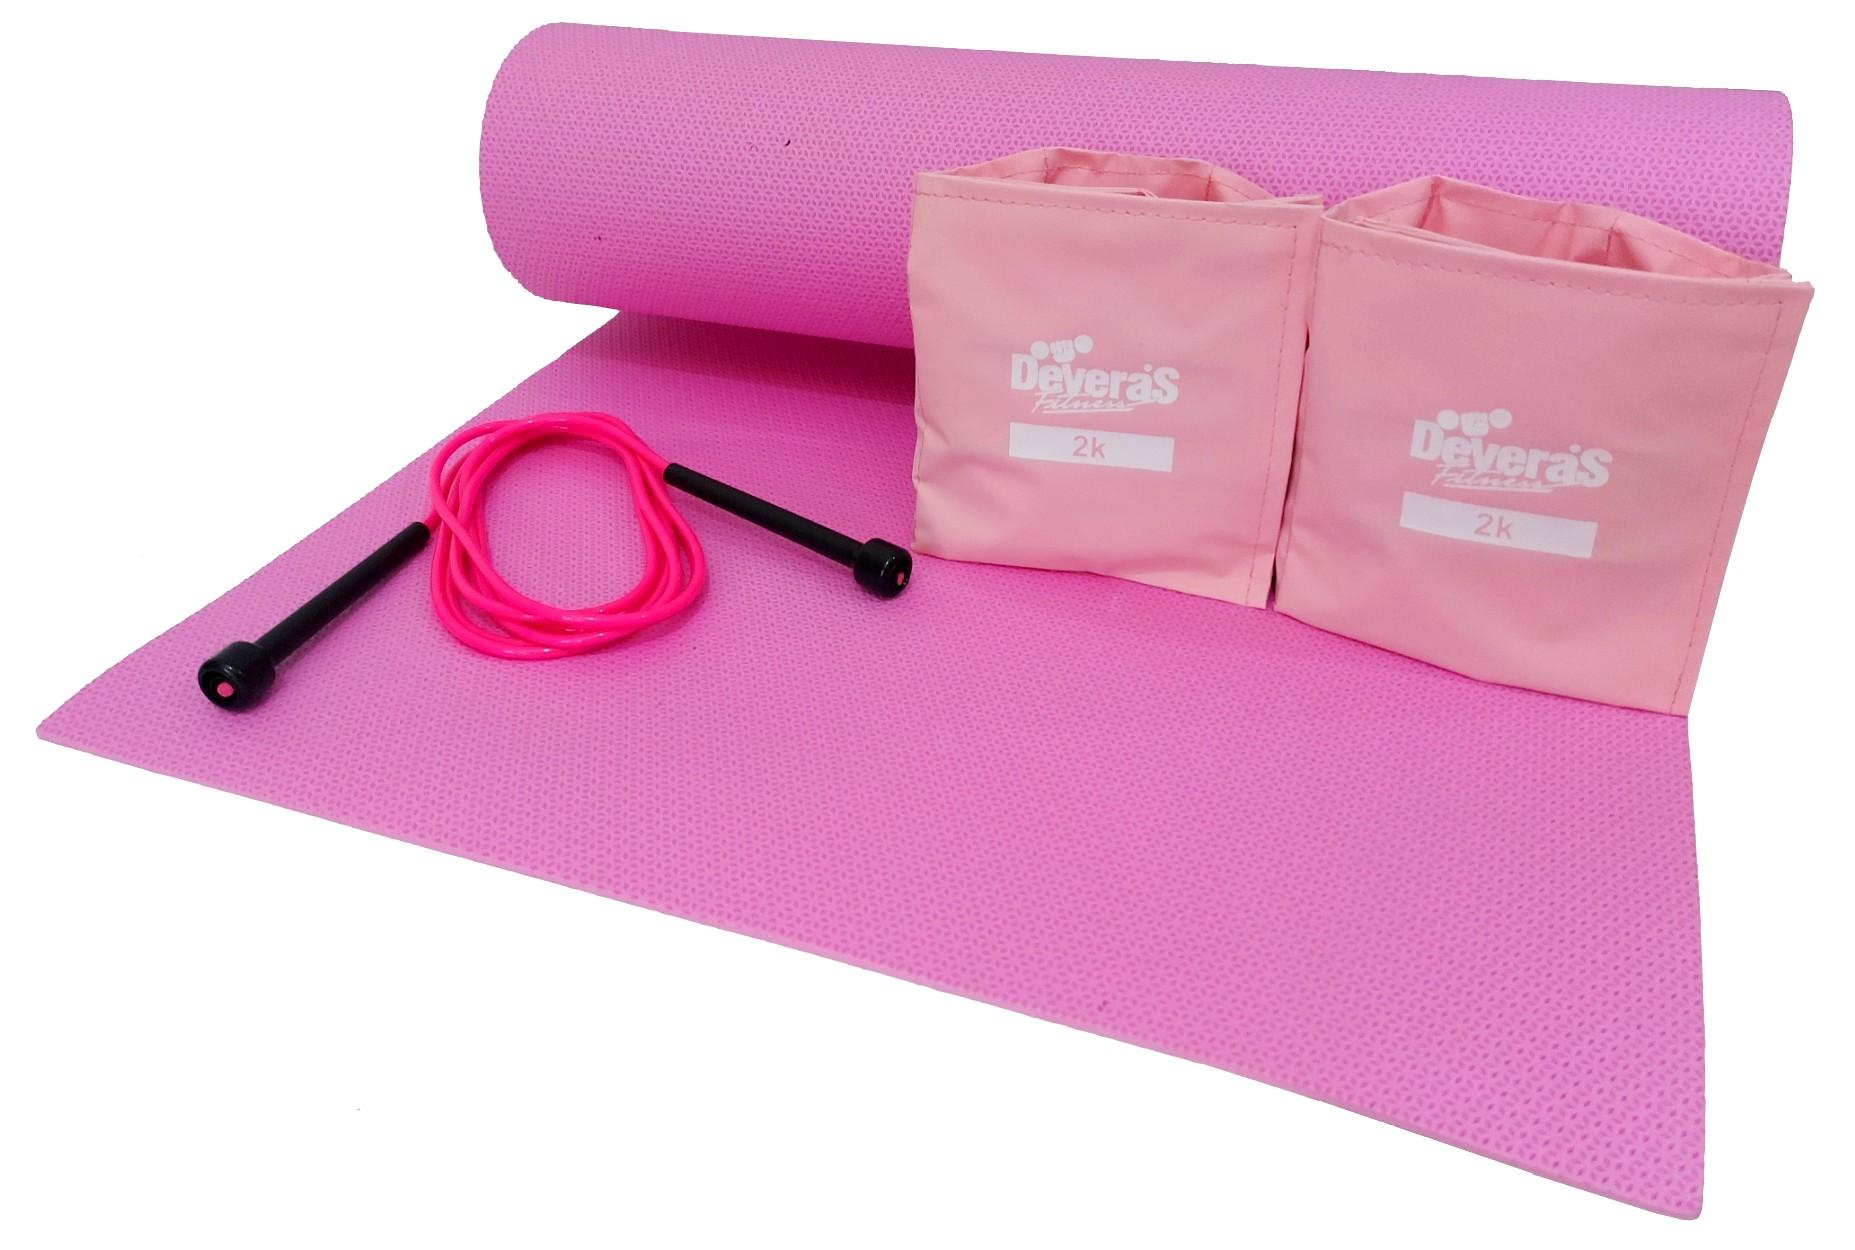 Kit treino em casa colchonete ginastica + tornozeleira peso 2 kg + corda de pular para exercicios